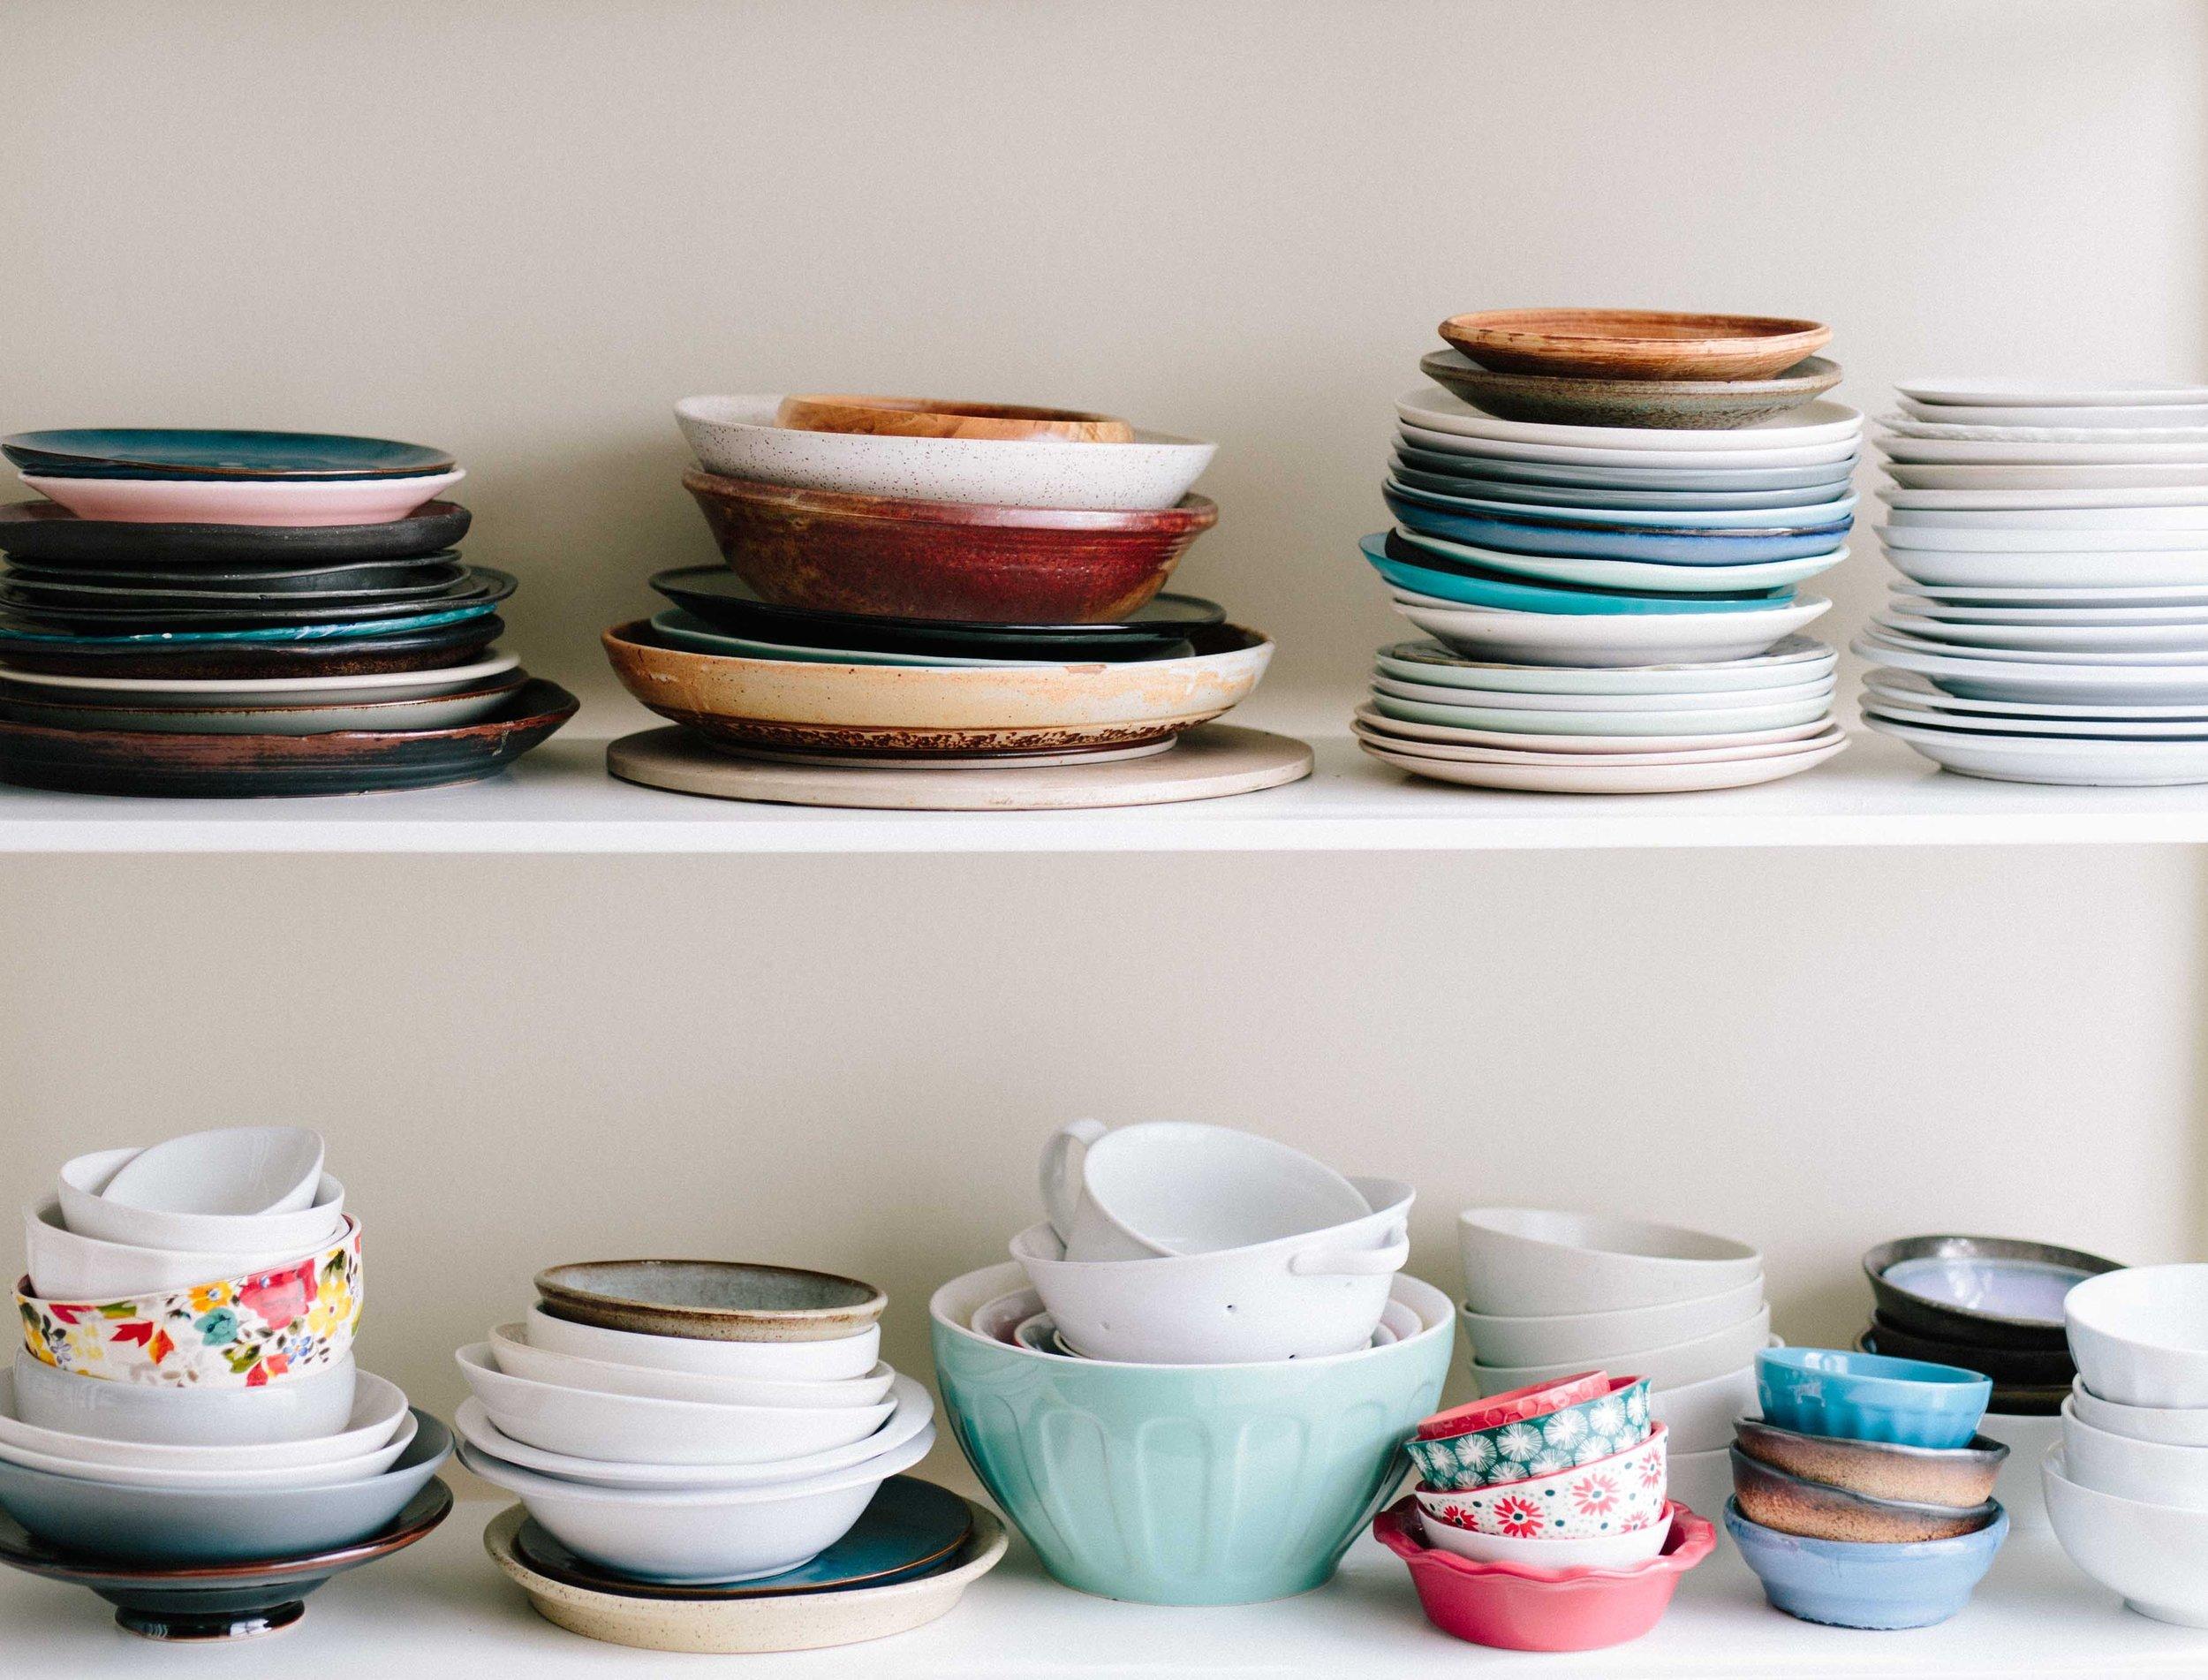 DOMI將教你的三件小事-攜帶環保餐具